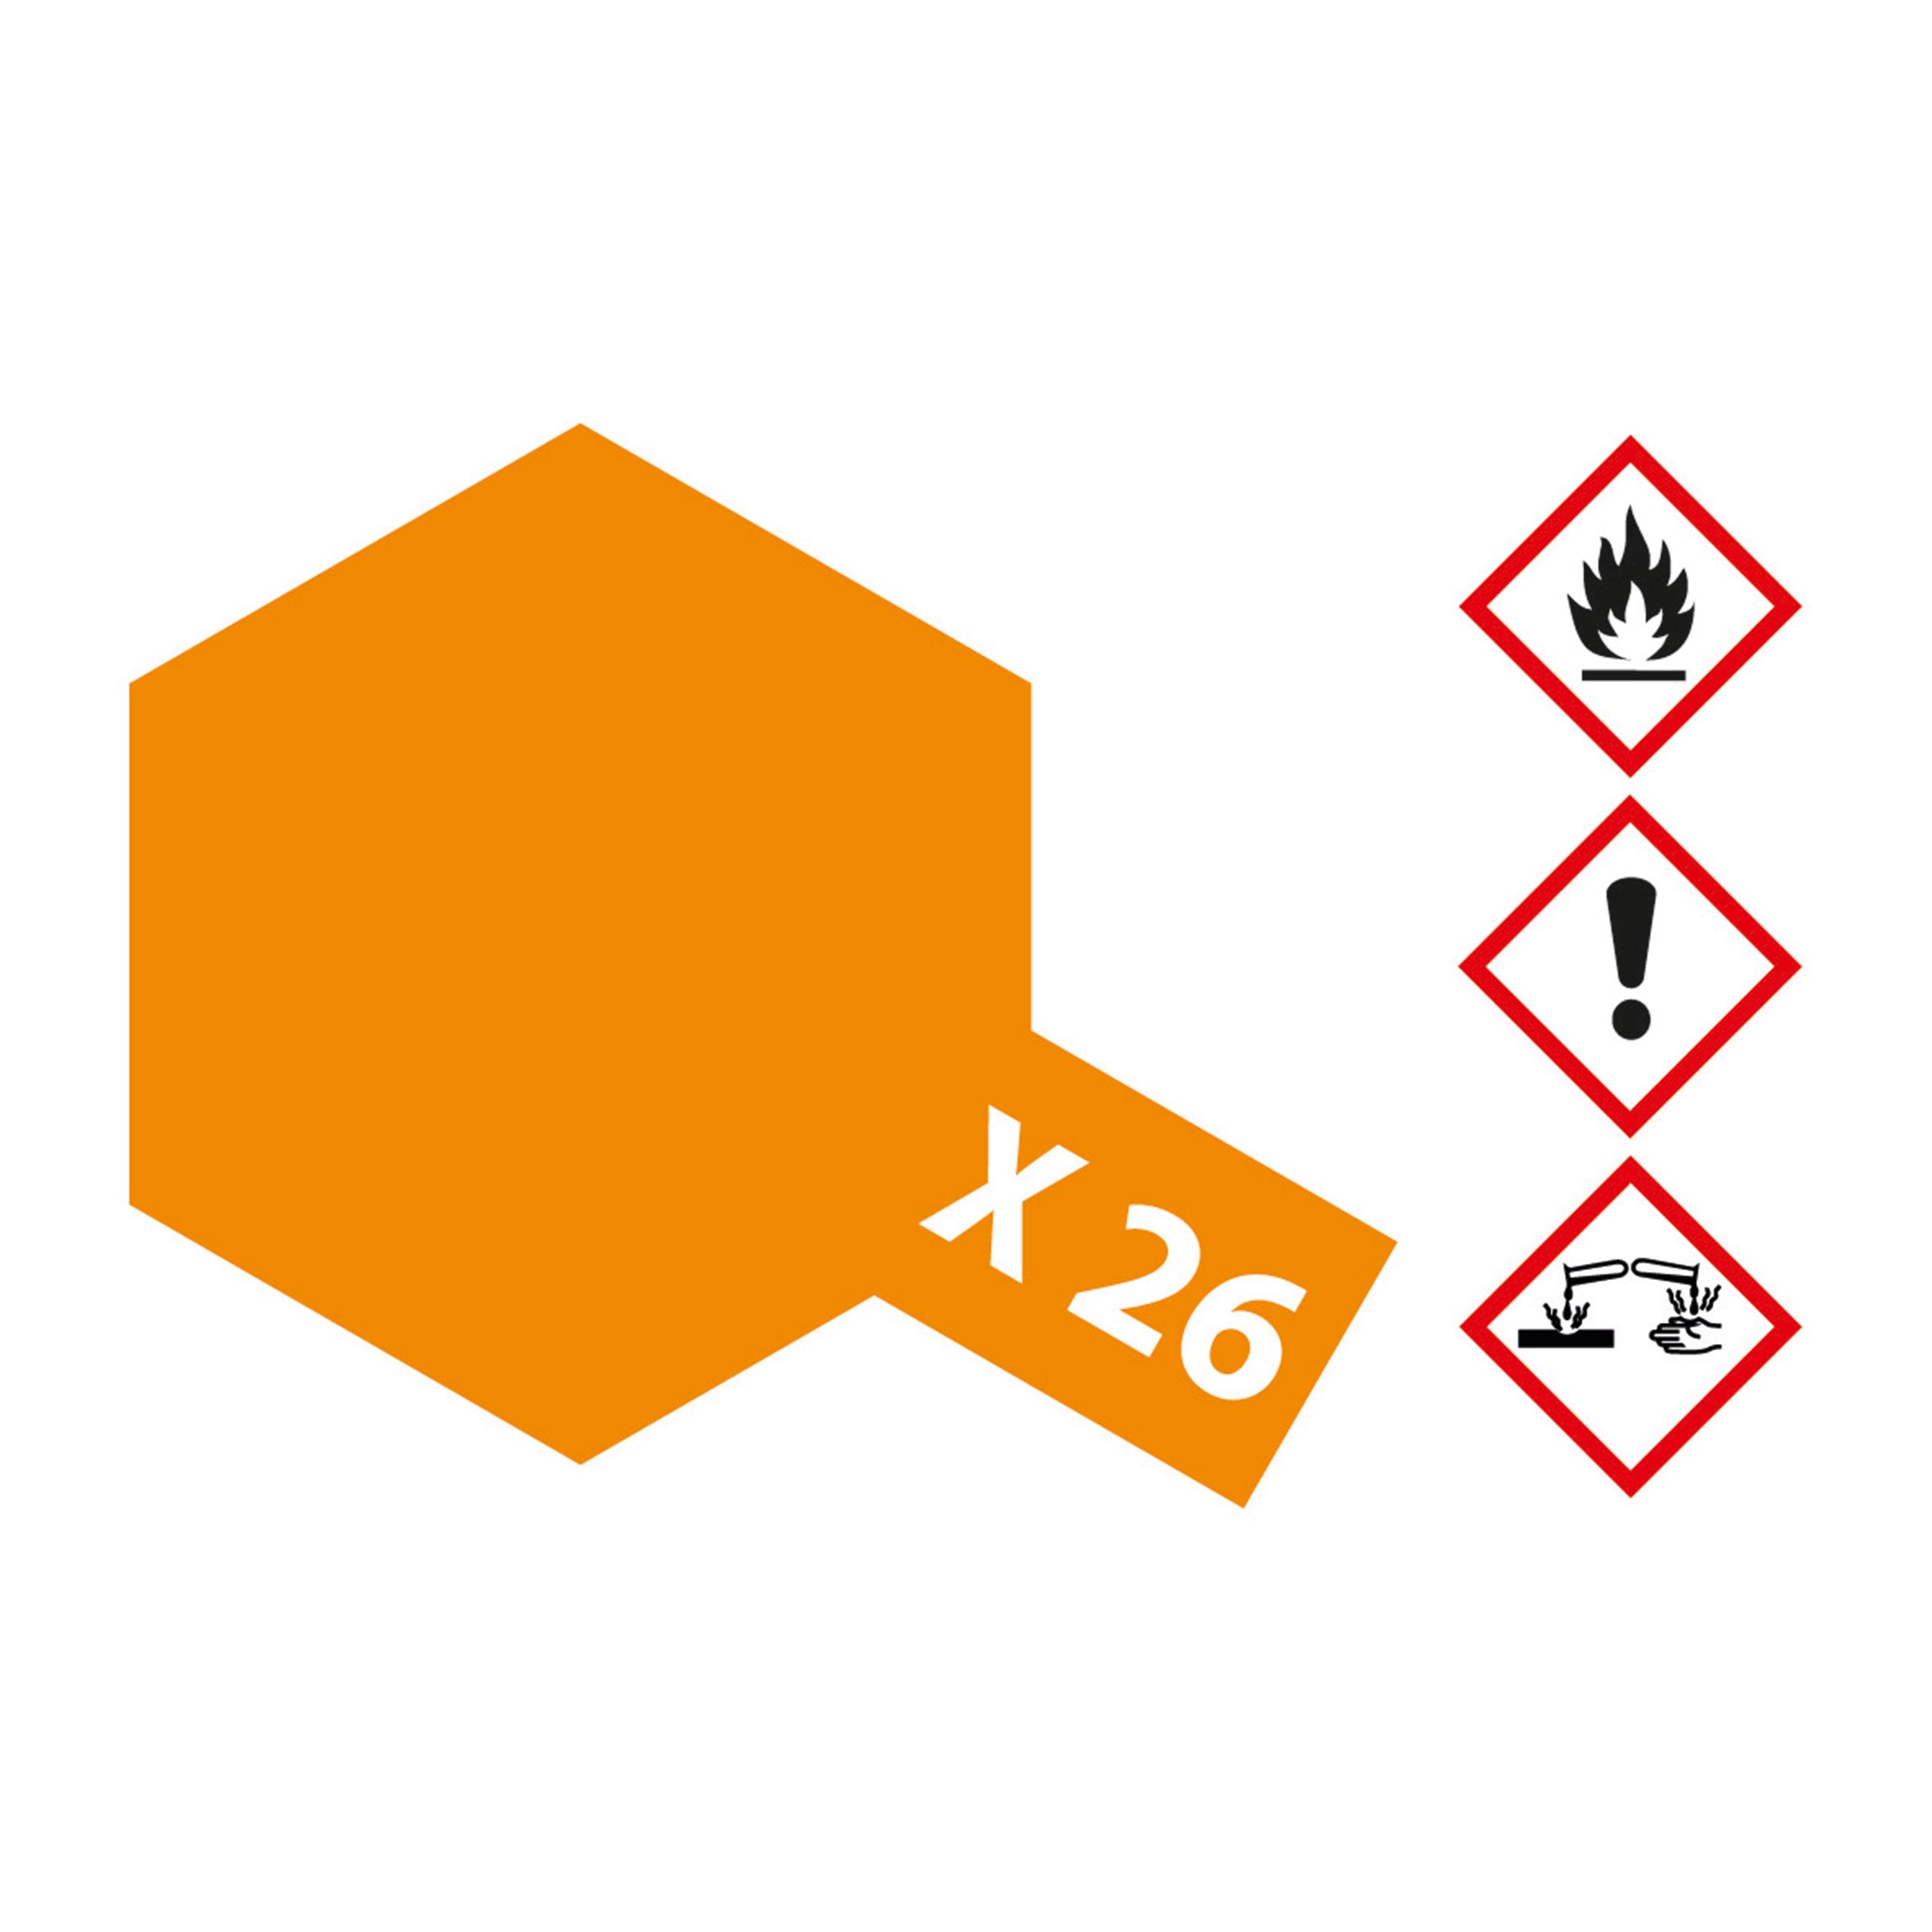 X-26 Klar Orange glaenzend - 23ml Acrylstreichfarbe wasserlöslich Tamiya 300081026